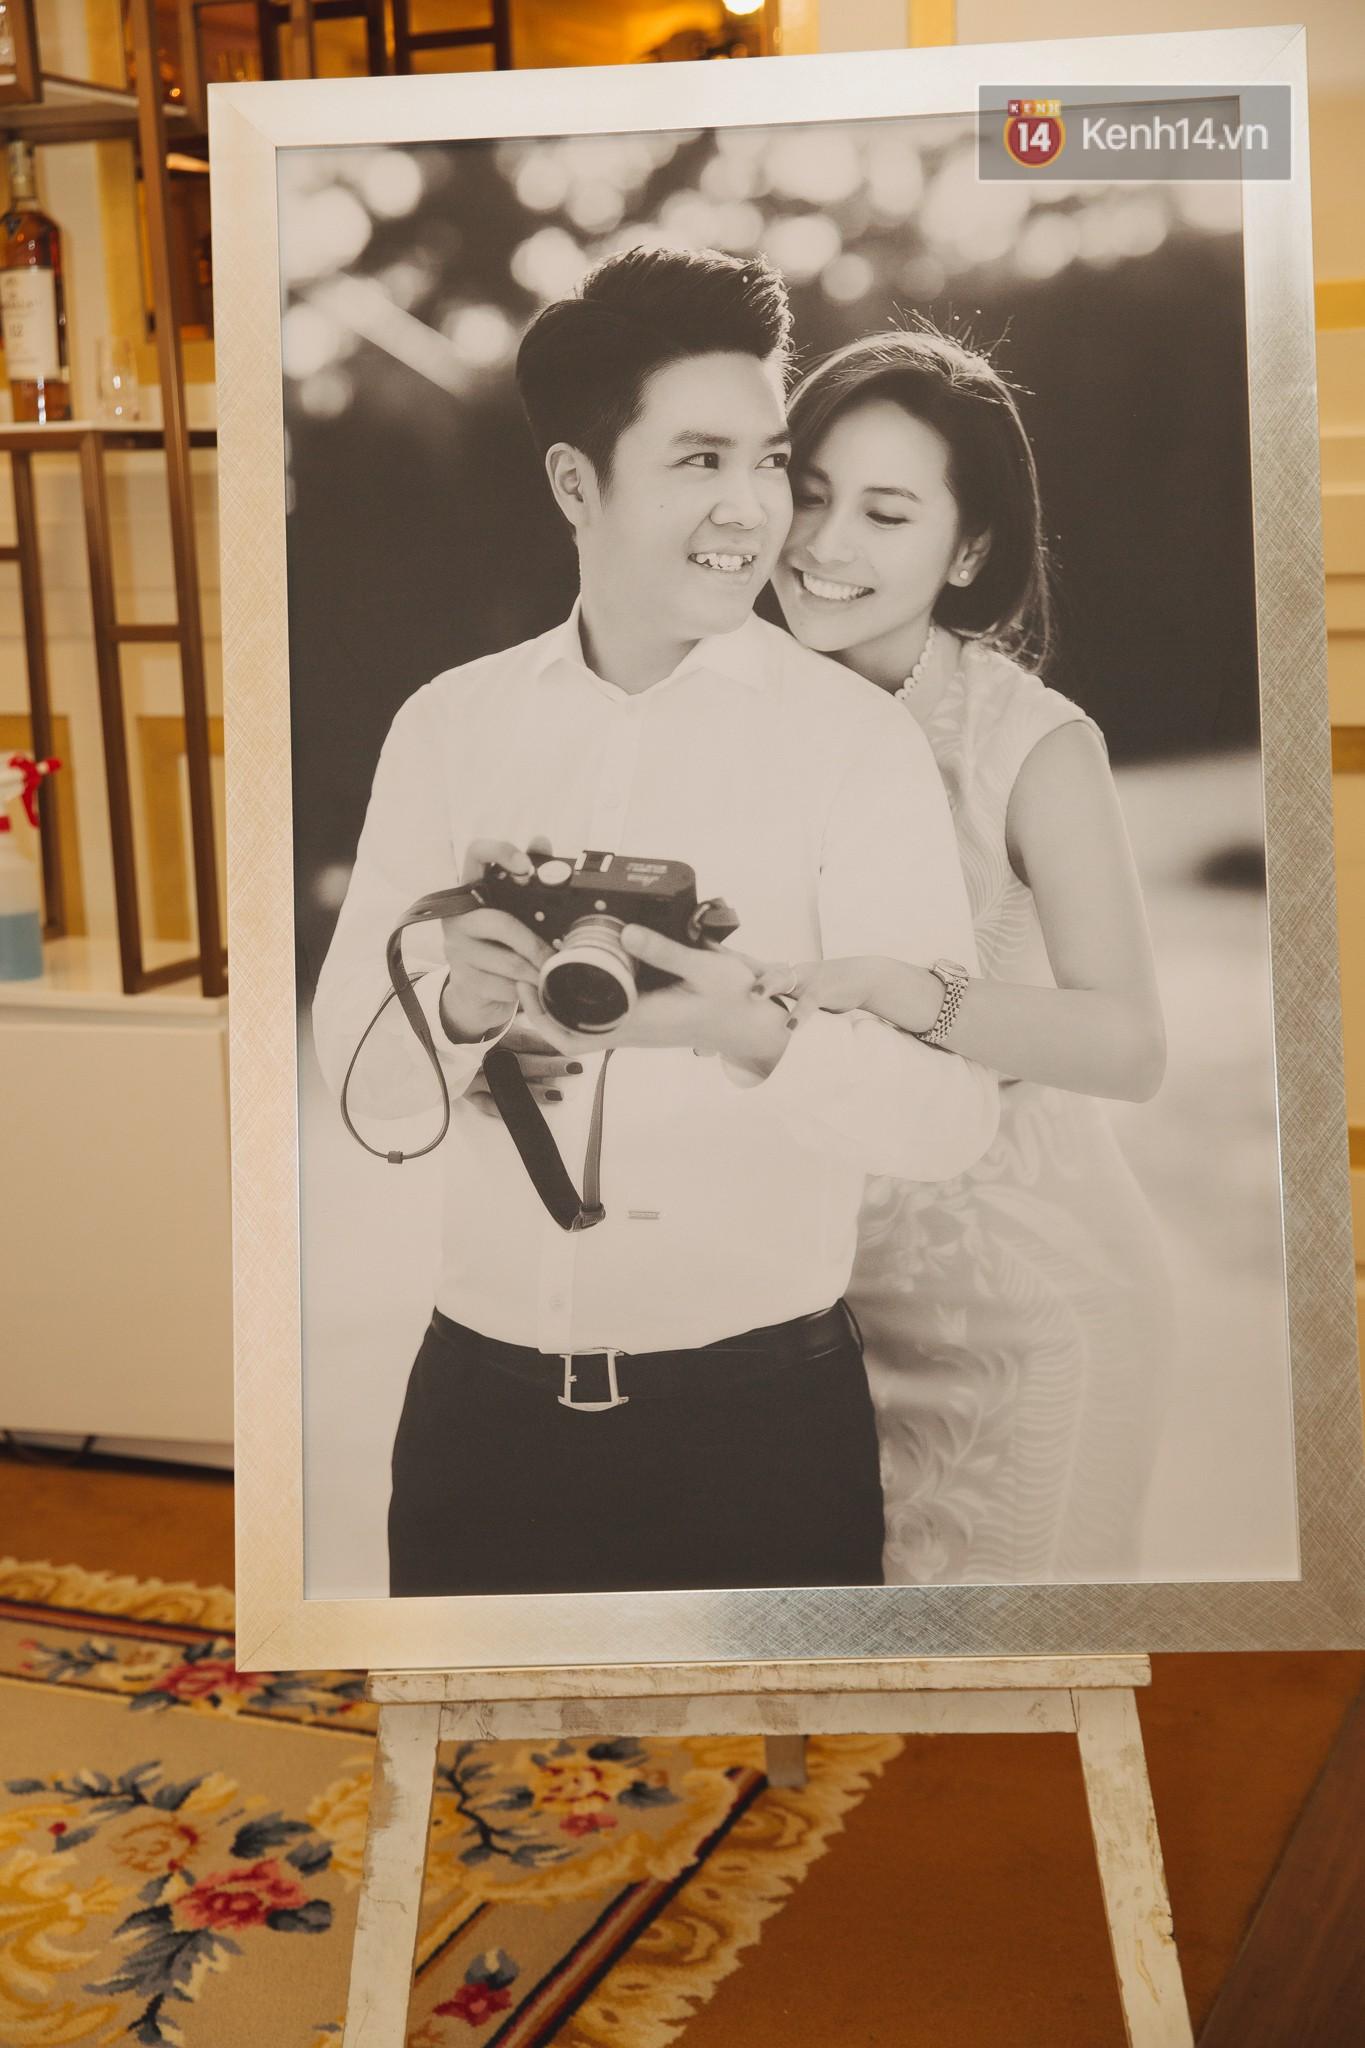 Hé lộ không gian cưới sang trọng của ca sĩ Lê Hiếu và bà xã Thu Trang - Ảnh 10.